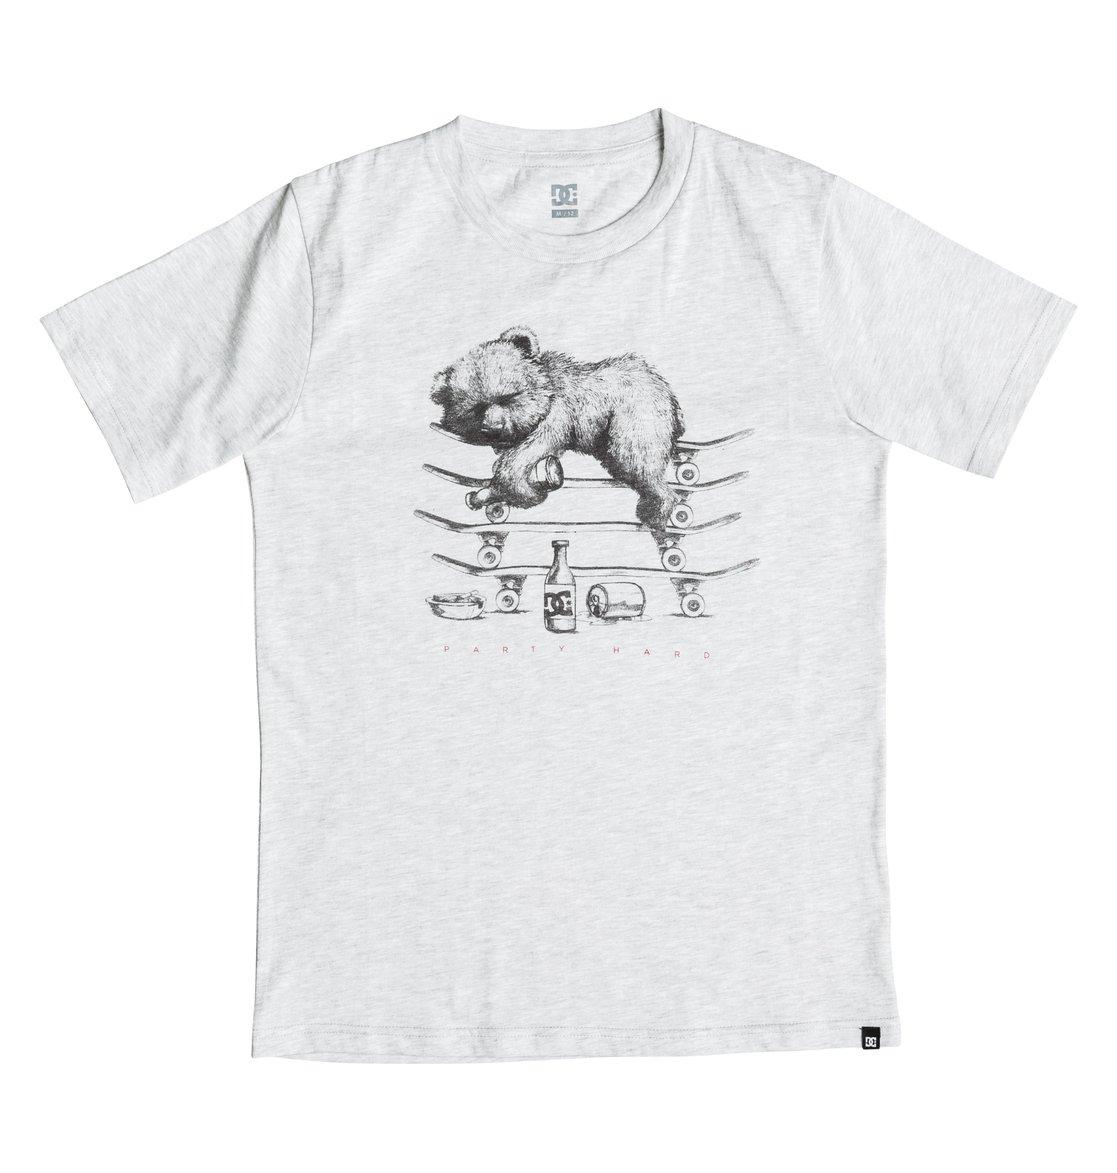 Lazybear - T-Shirt<br>